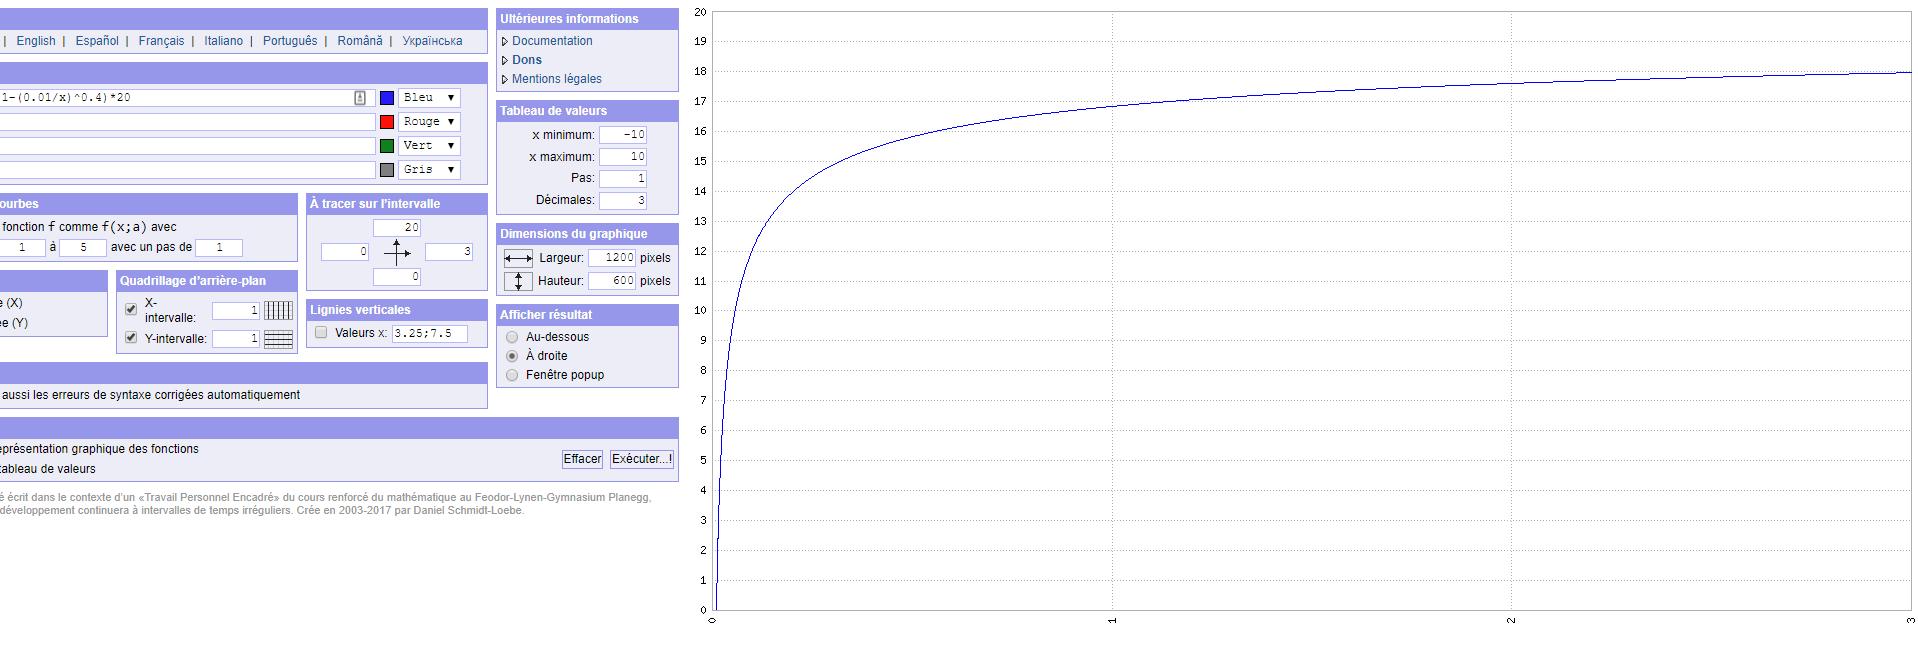 Efficacité vs temps de travail loi de pareto